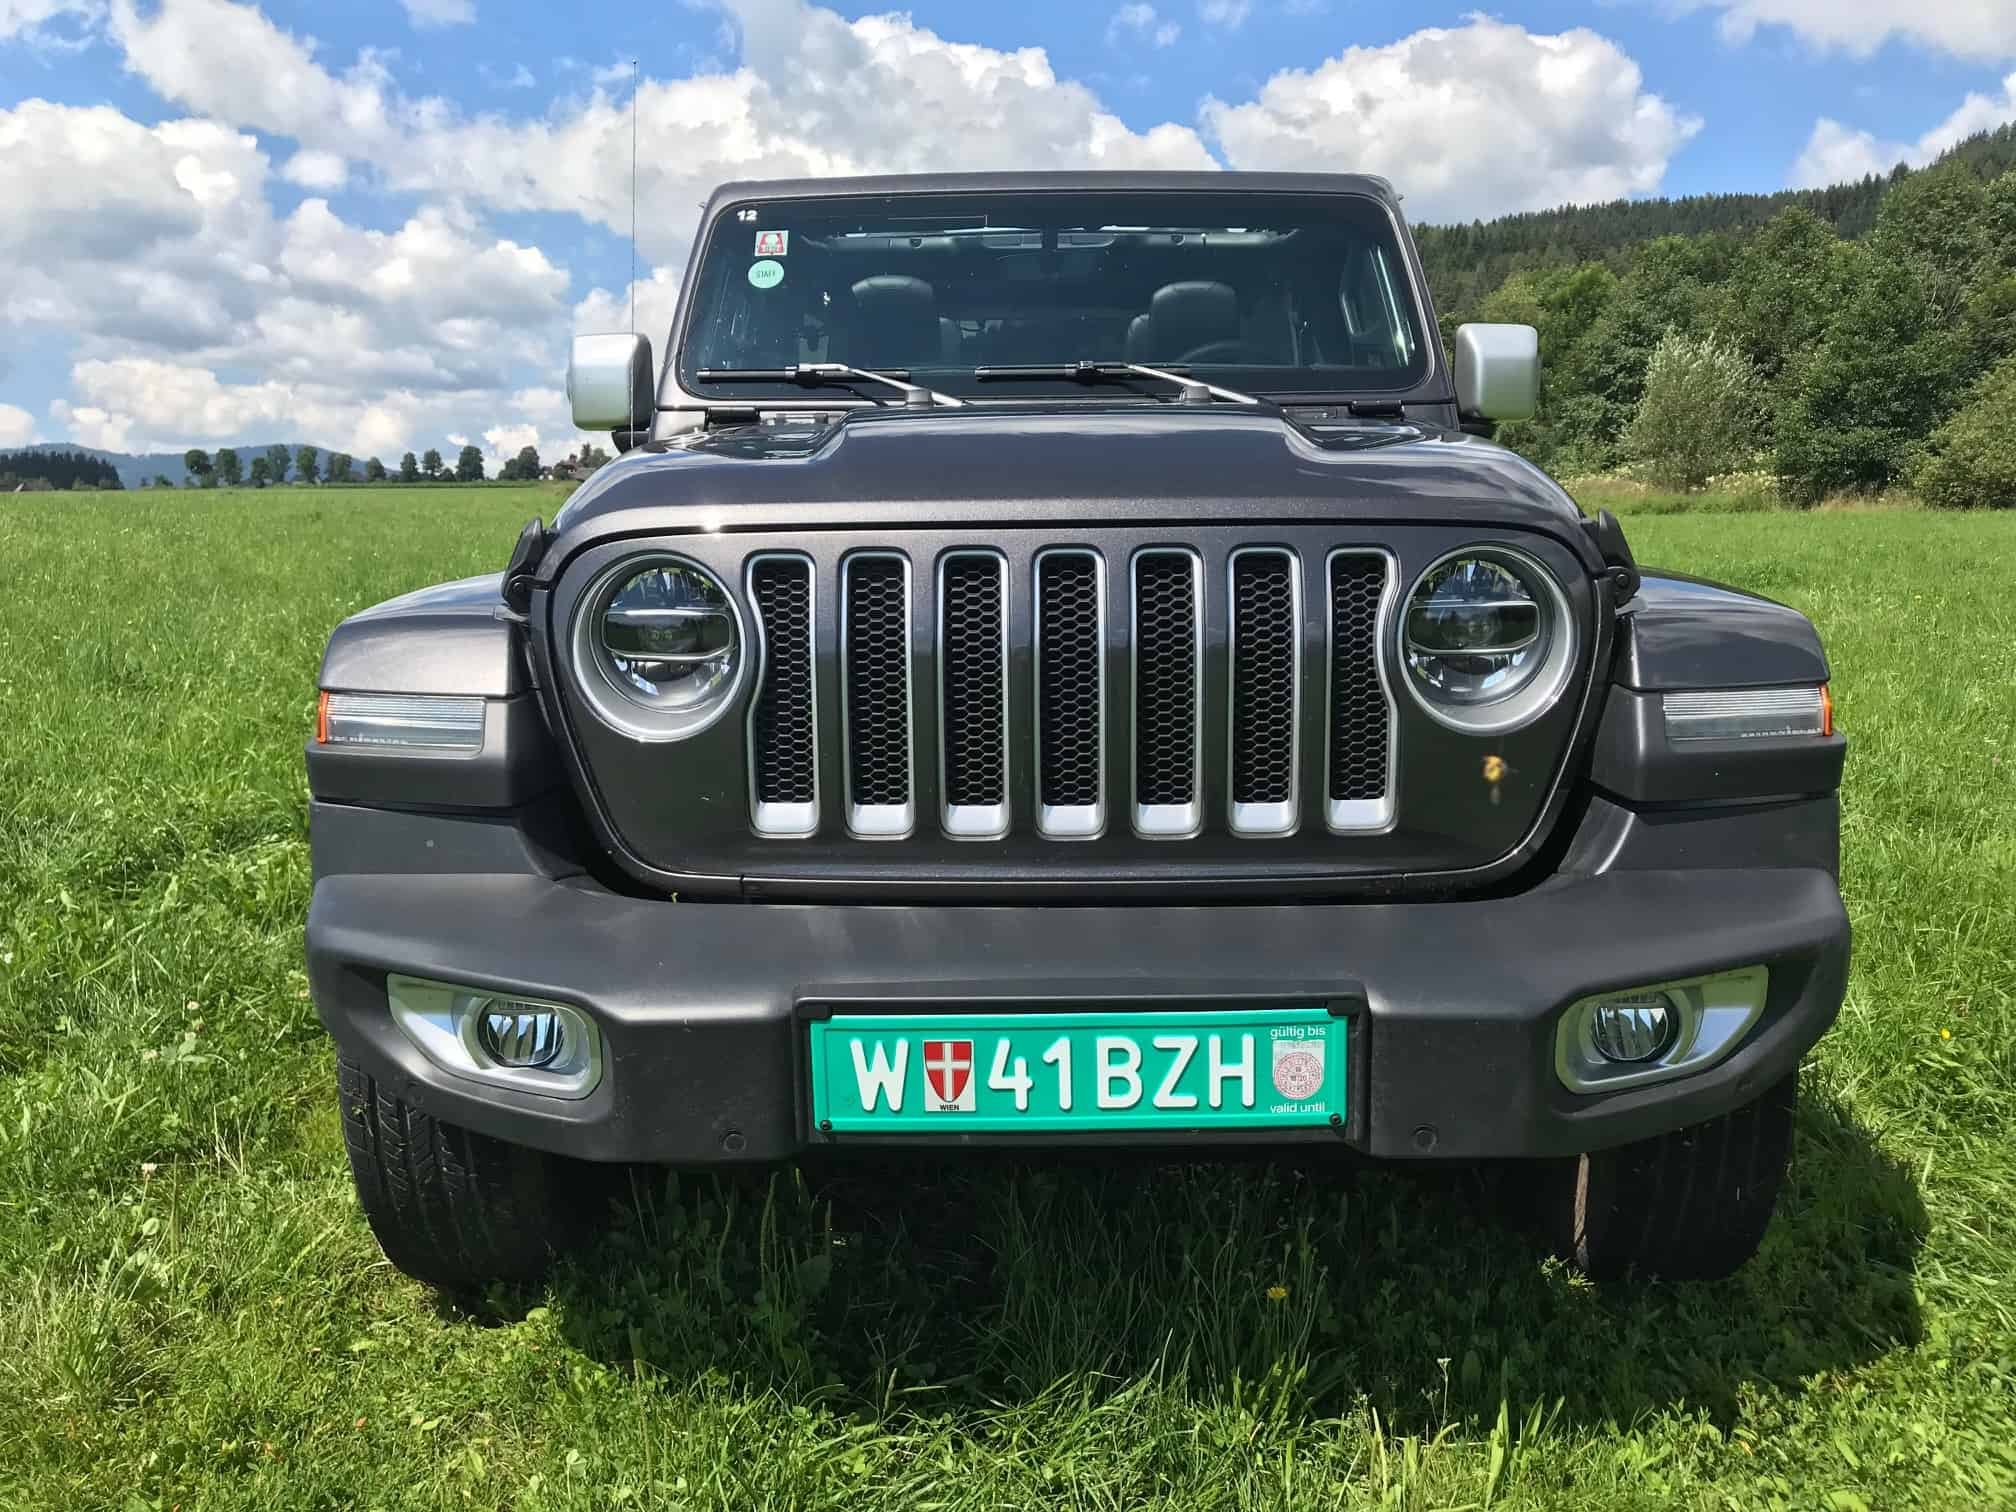 Jeep Wrangler JL (Modelljahr 2019) - Das (fast) letzte Offroad ...